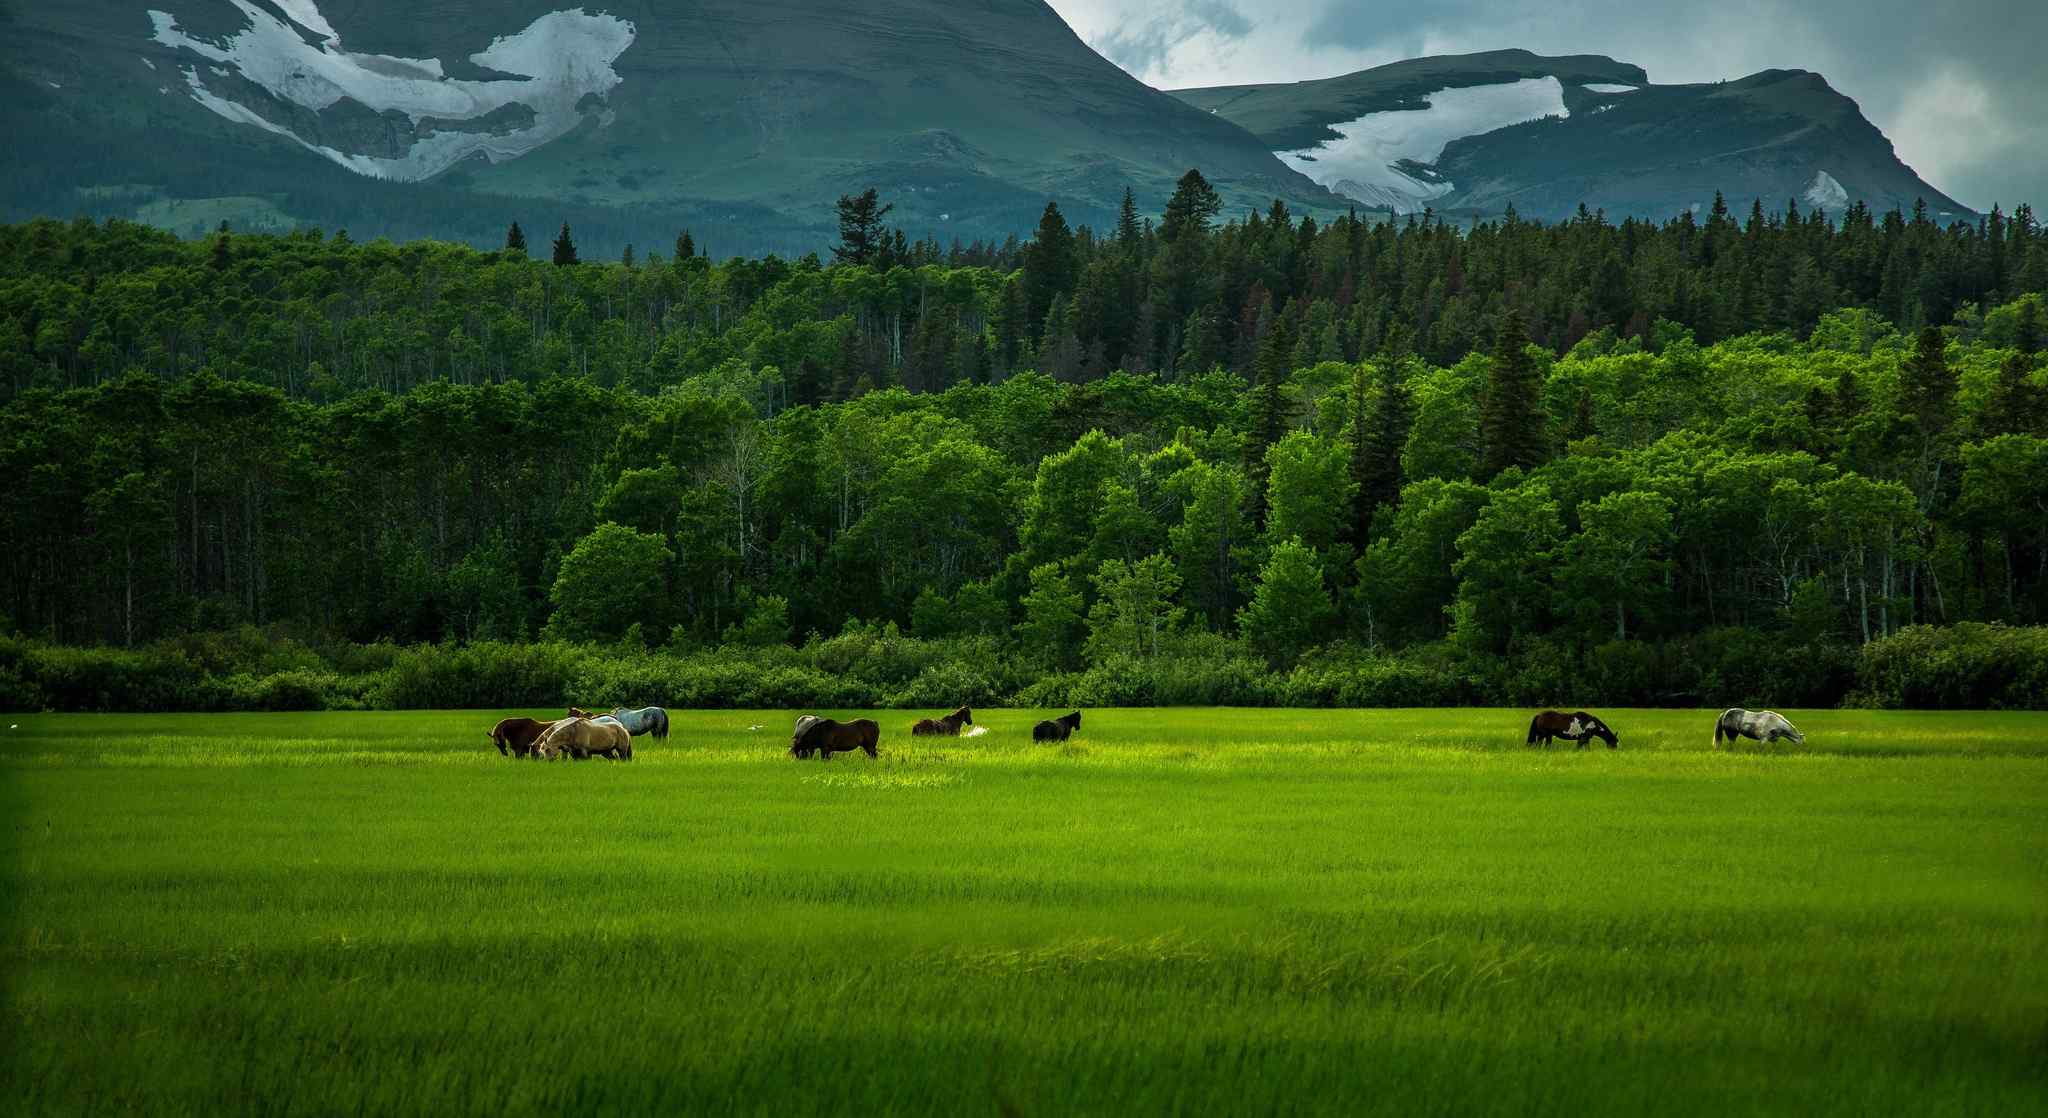 内蒙古大草原野马高清桌面壁纸